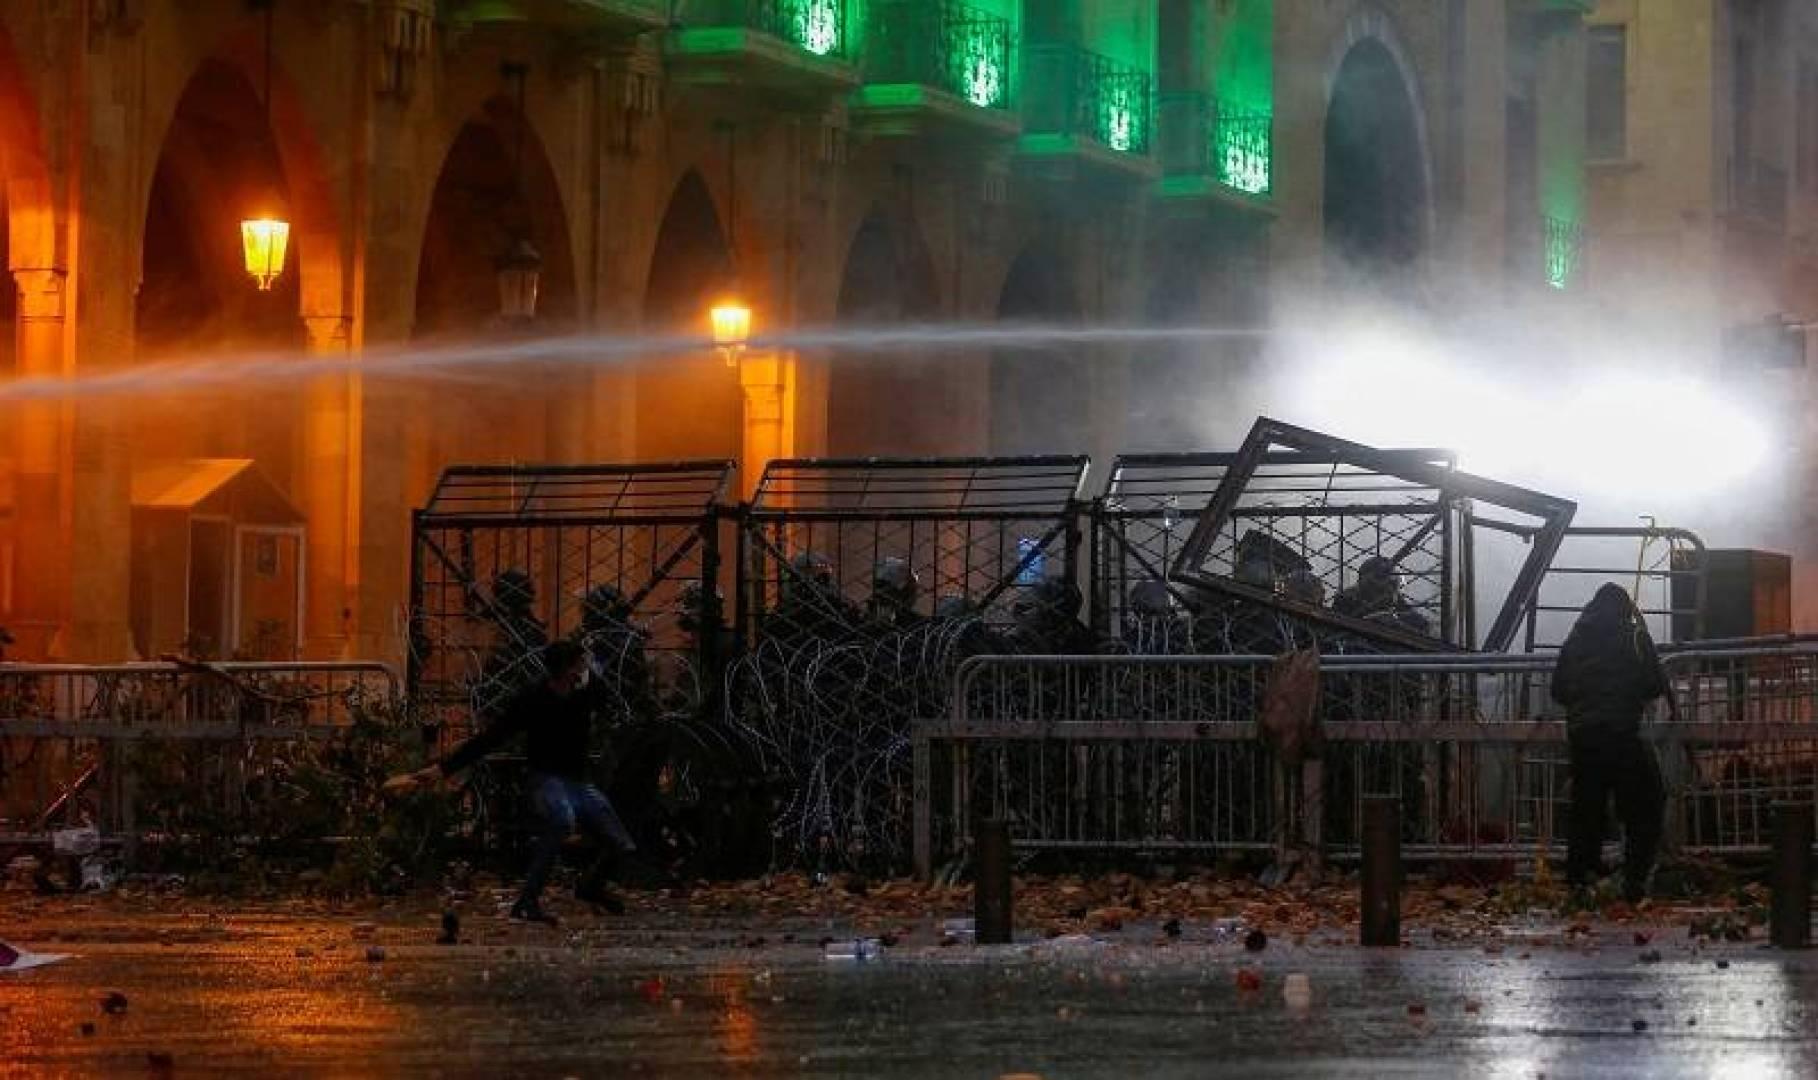 قوات الأمن اللبنانية تطلق مدافع المياه على محتجين قرب البرلمان